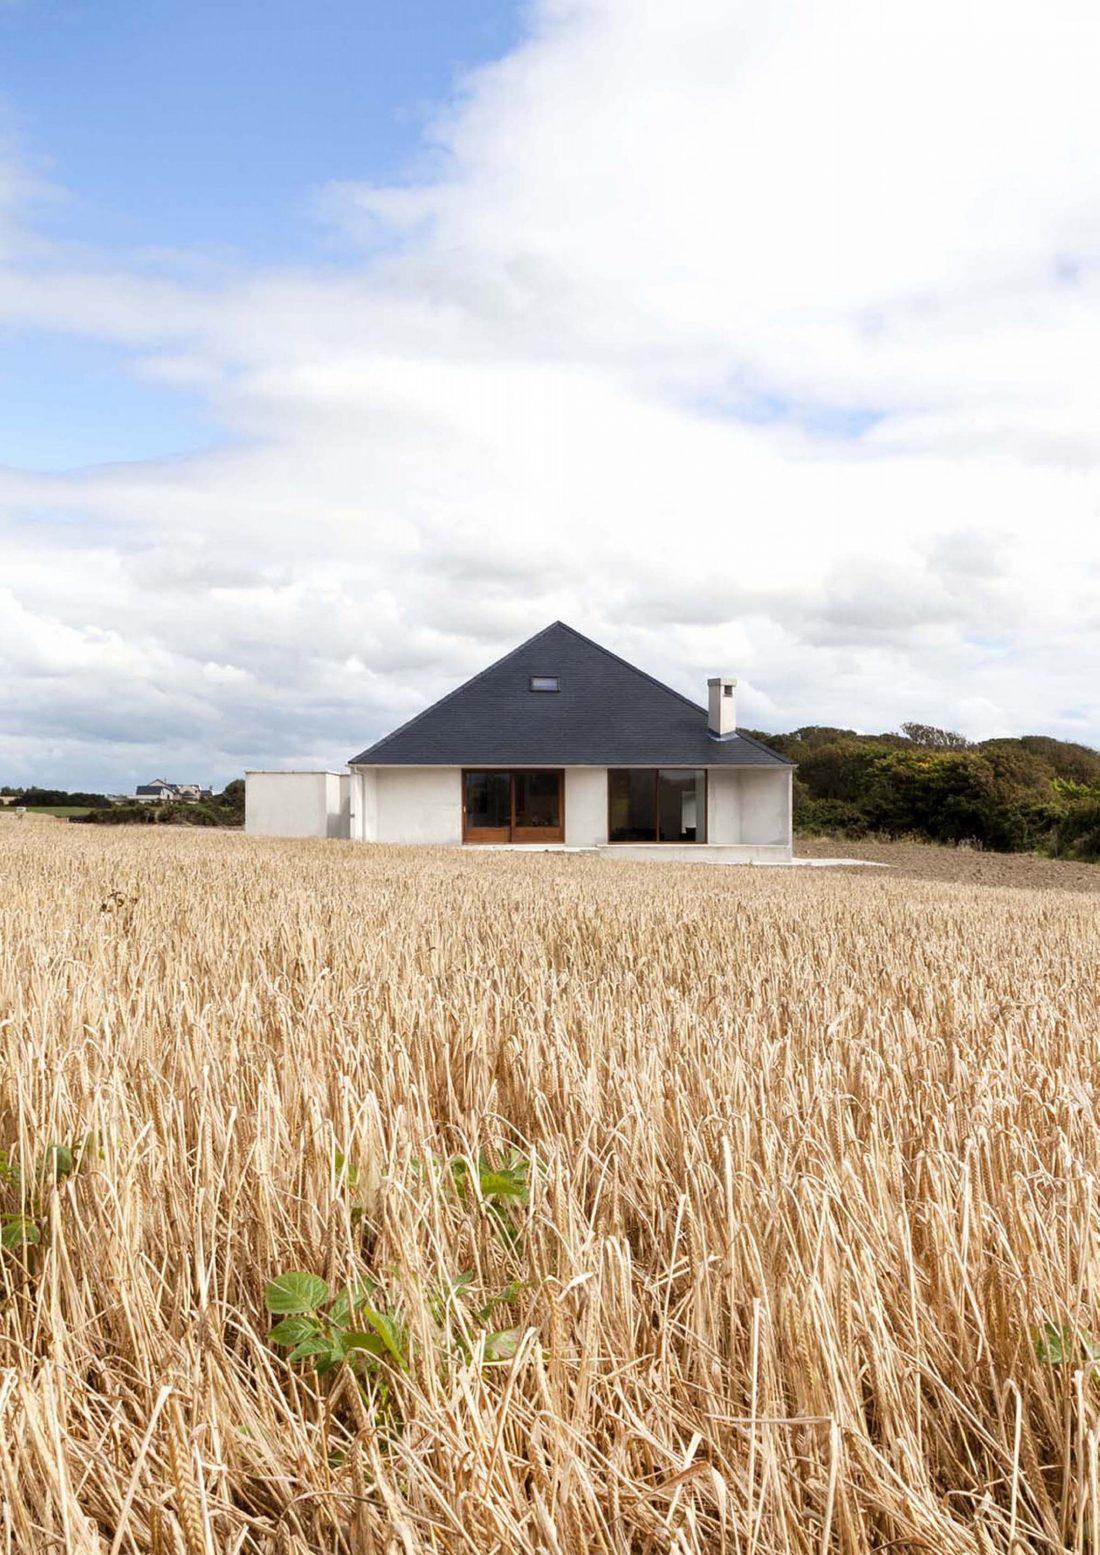 Сельский дом в Kilmore, Ирландия, от студии GKMP Architects 10